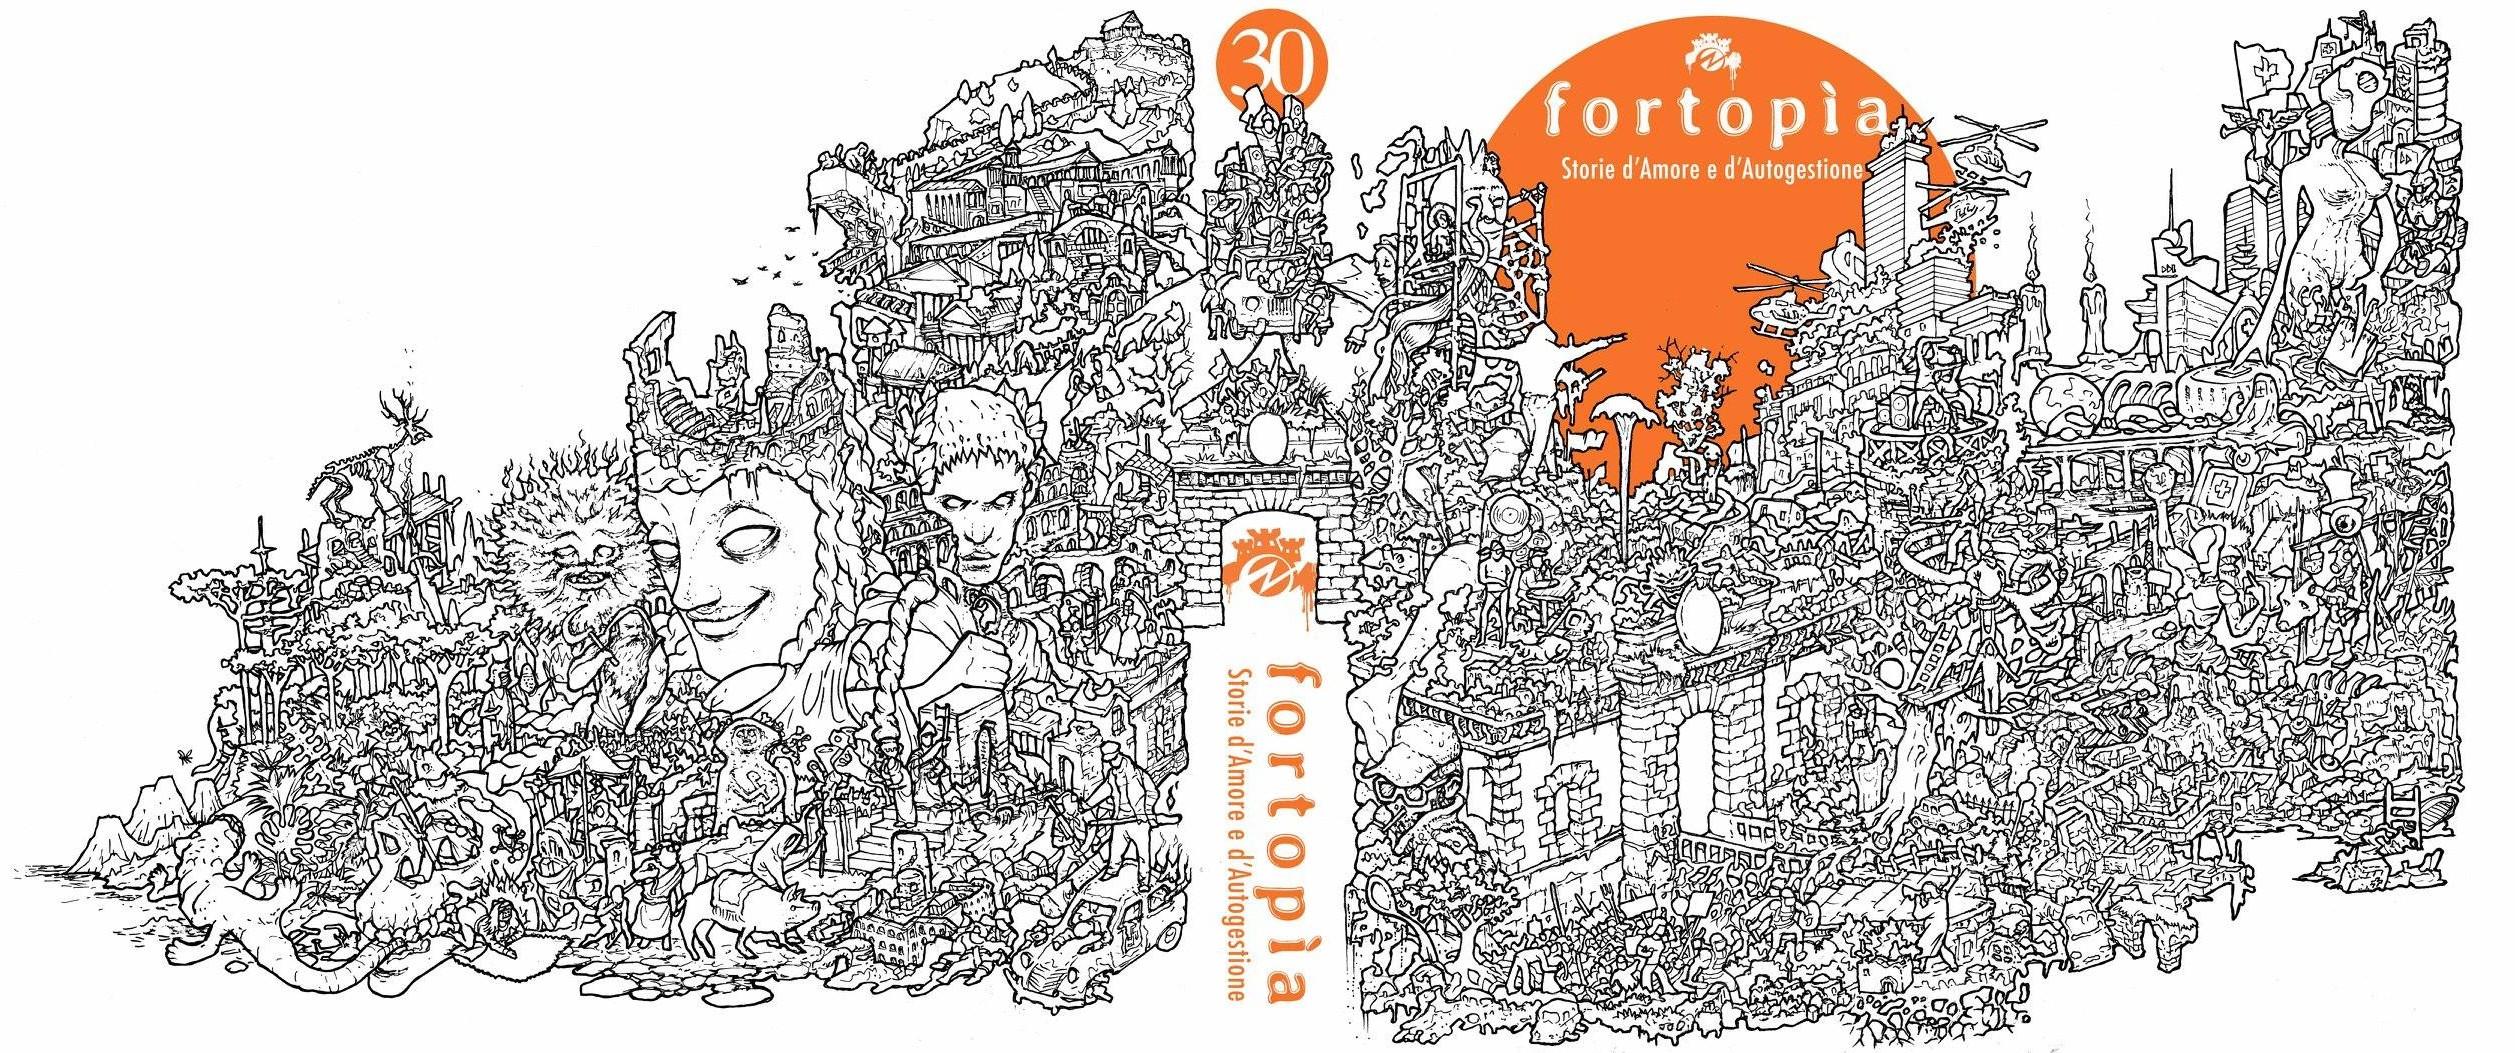 """La copertina di """"Fortopía """" realizzata da Enrico D Elia."""